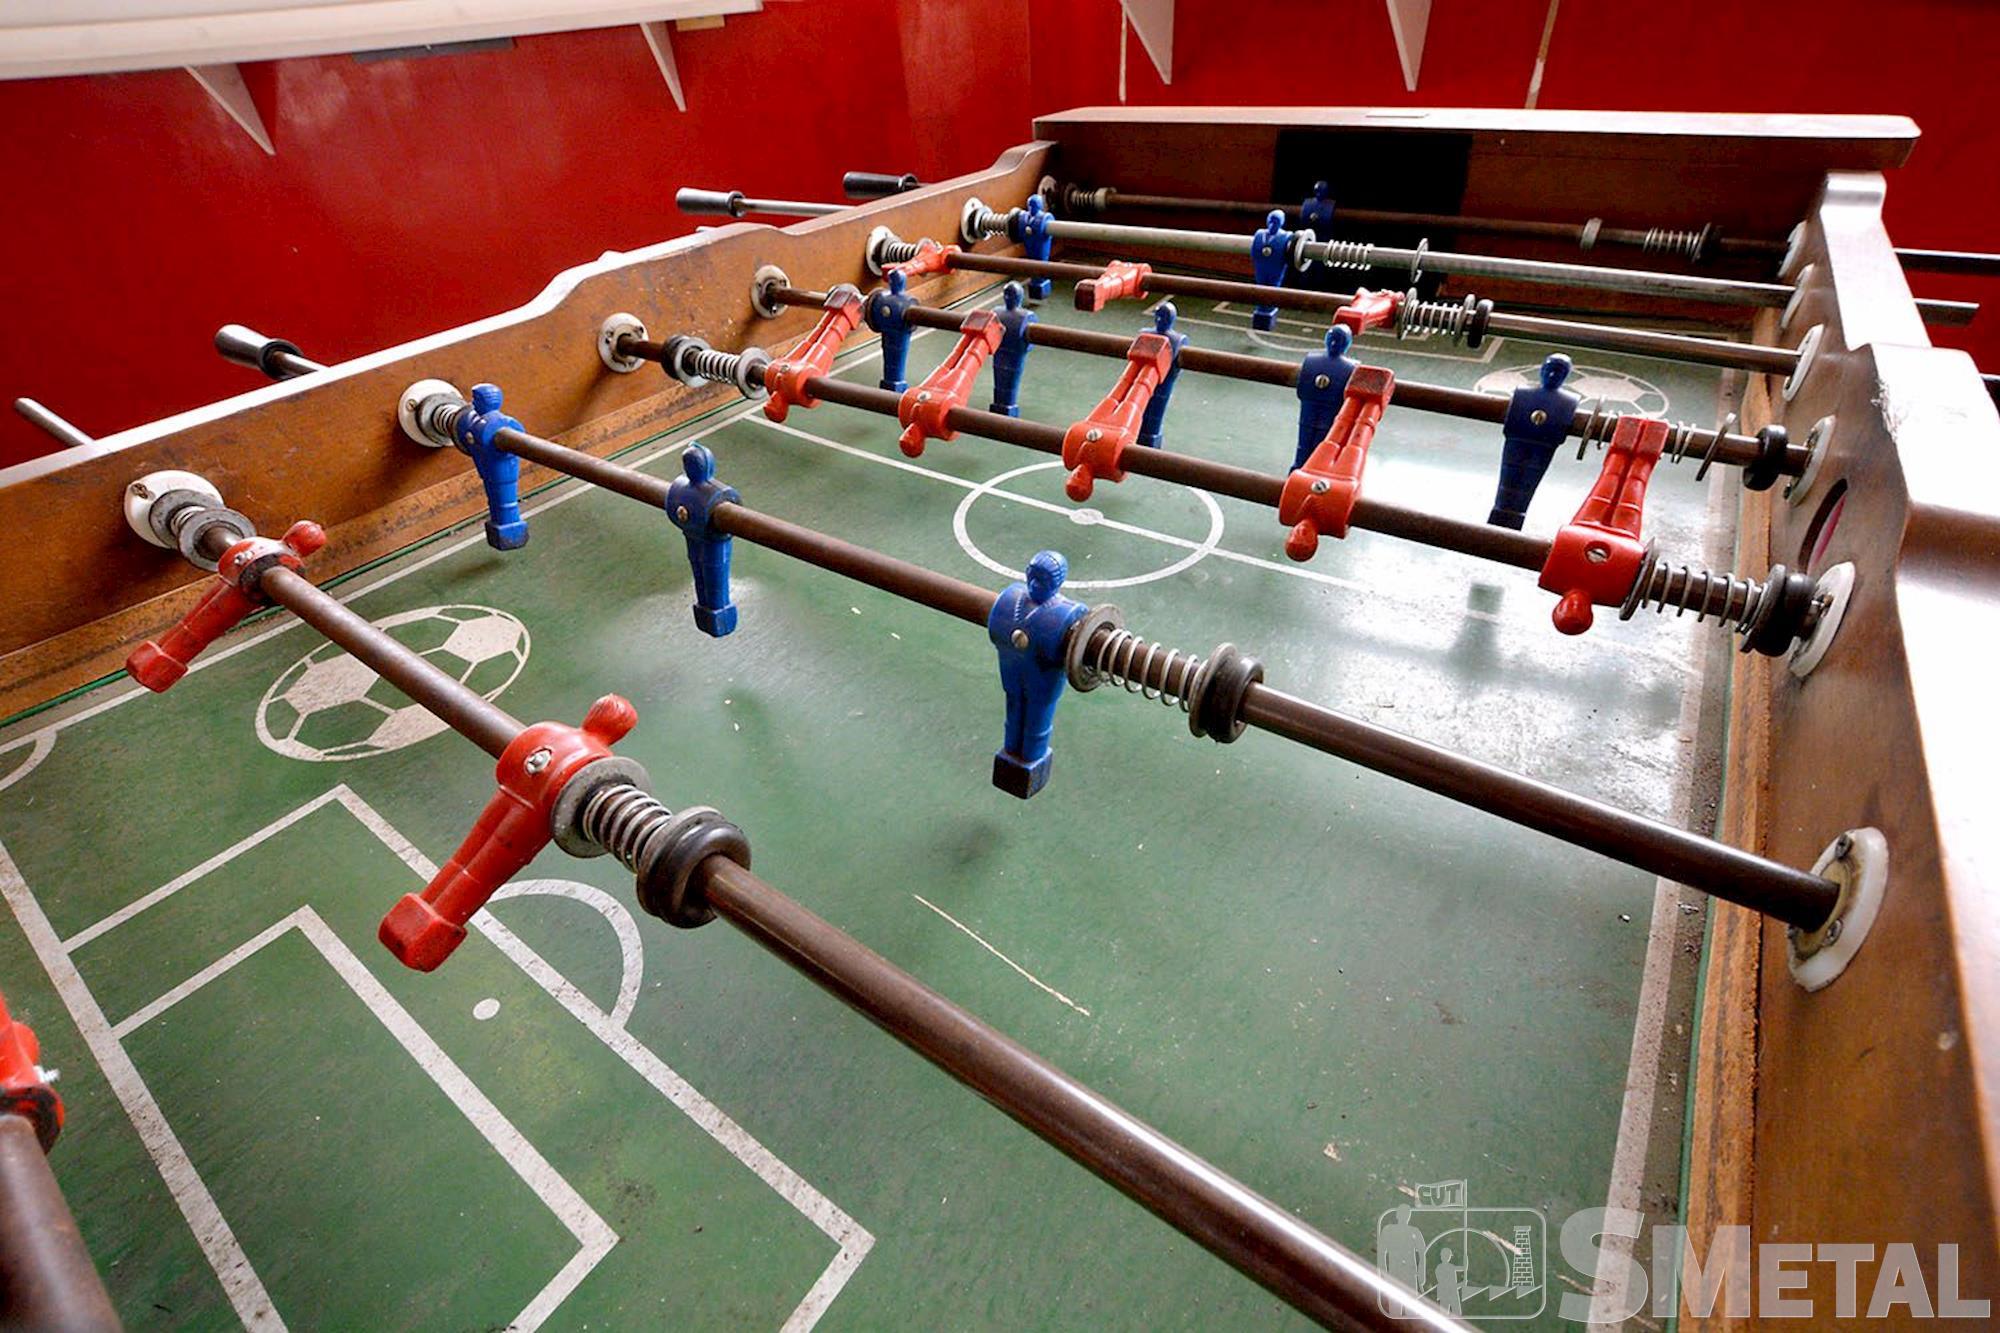 Salão dos jogos, clube,  campo,  smetal, Foguinho/Imprensa SMetal